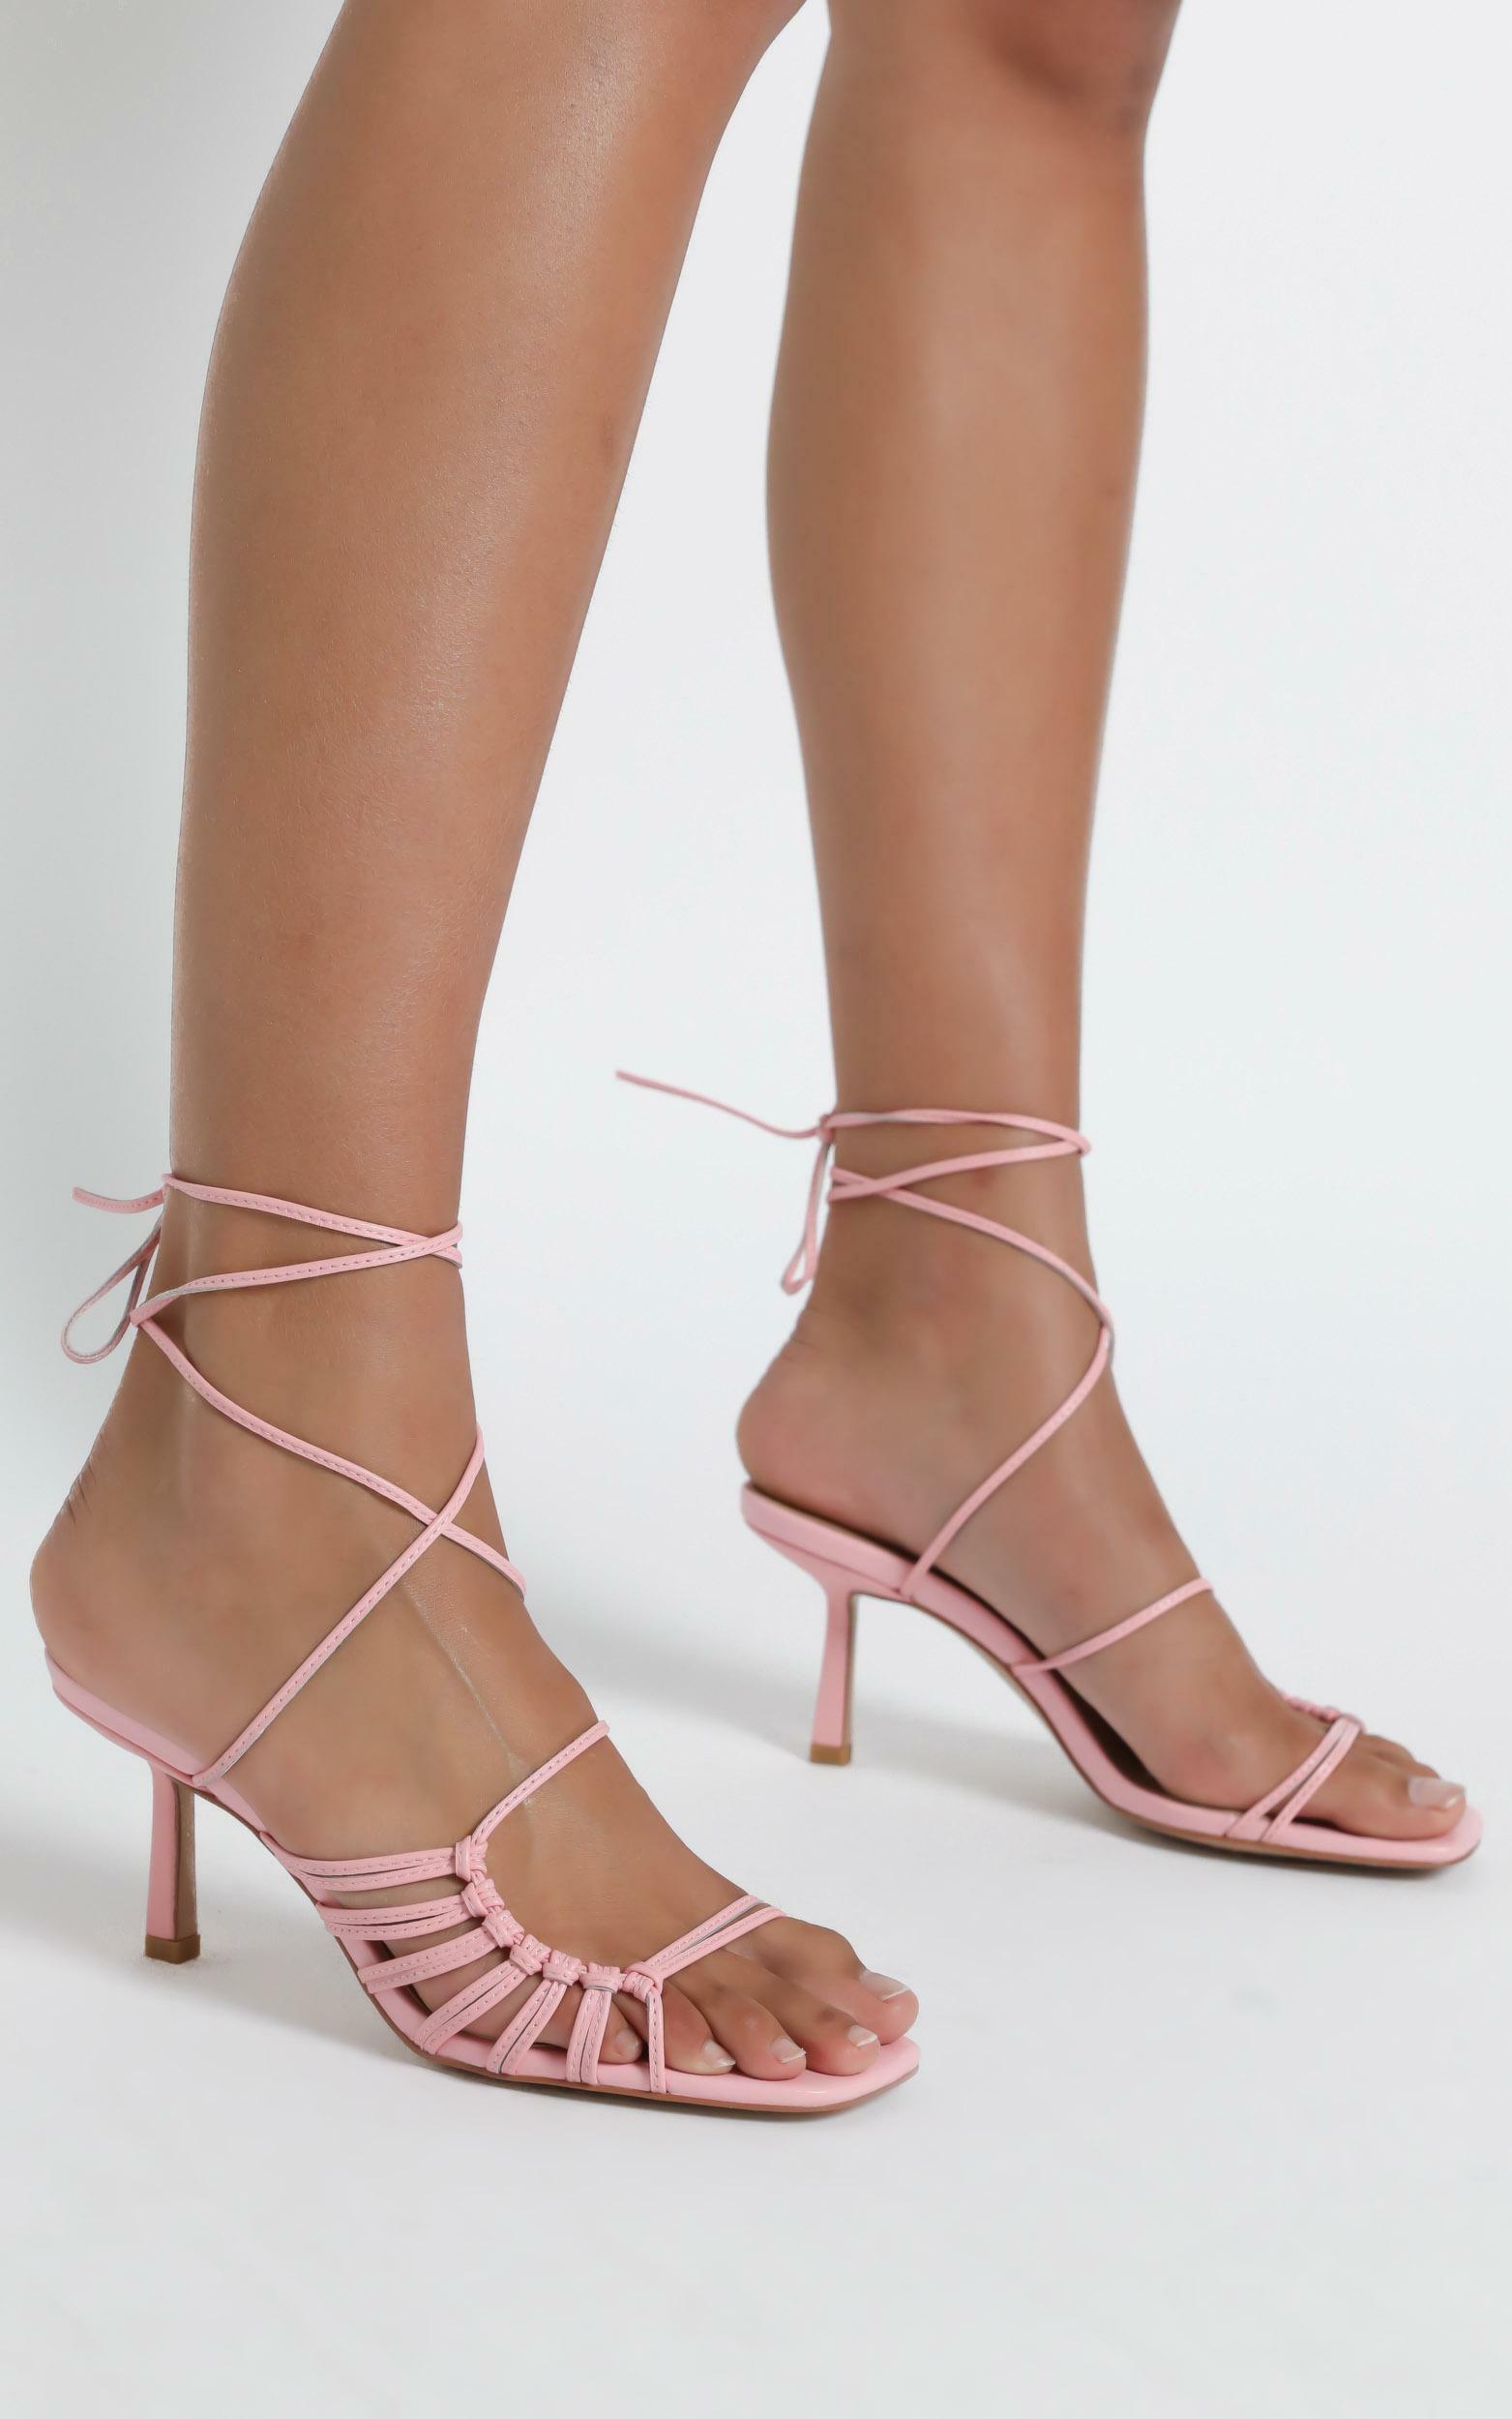 Alias Mae - Lisa Heel in Pink Kid Leather - 5.5, Pink, hi-res image number null